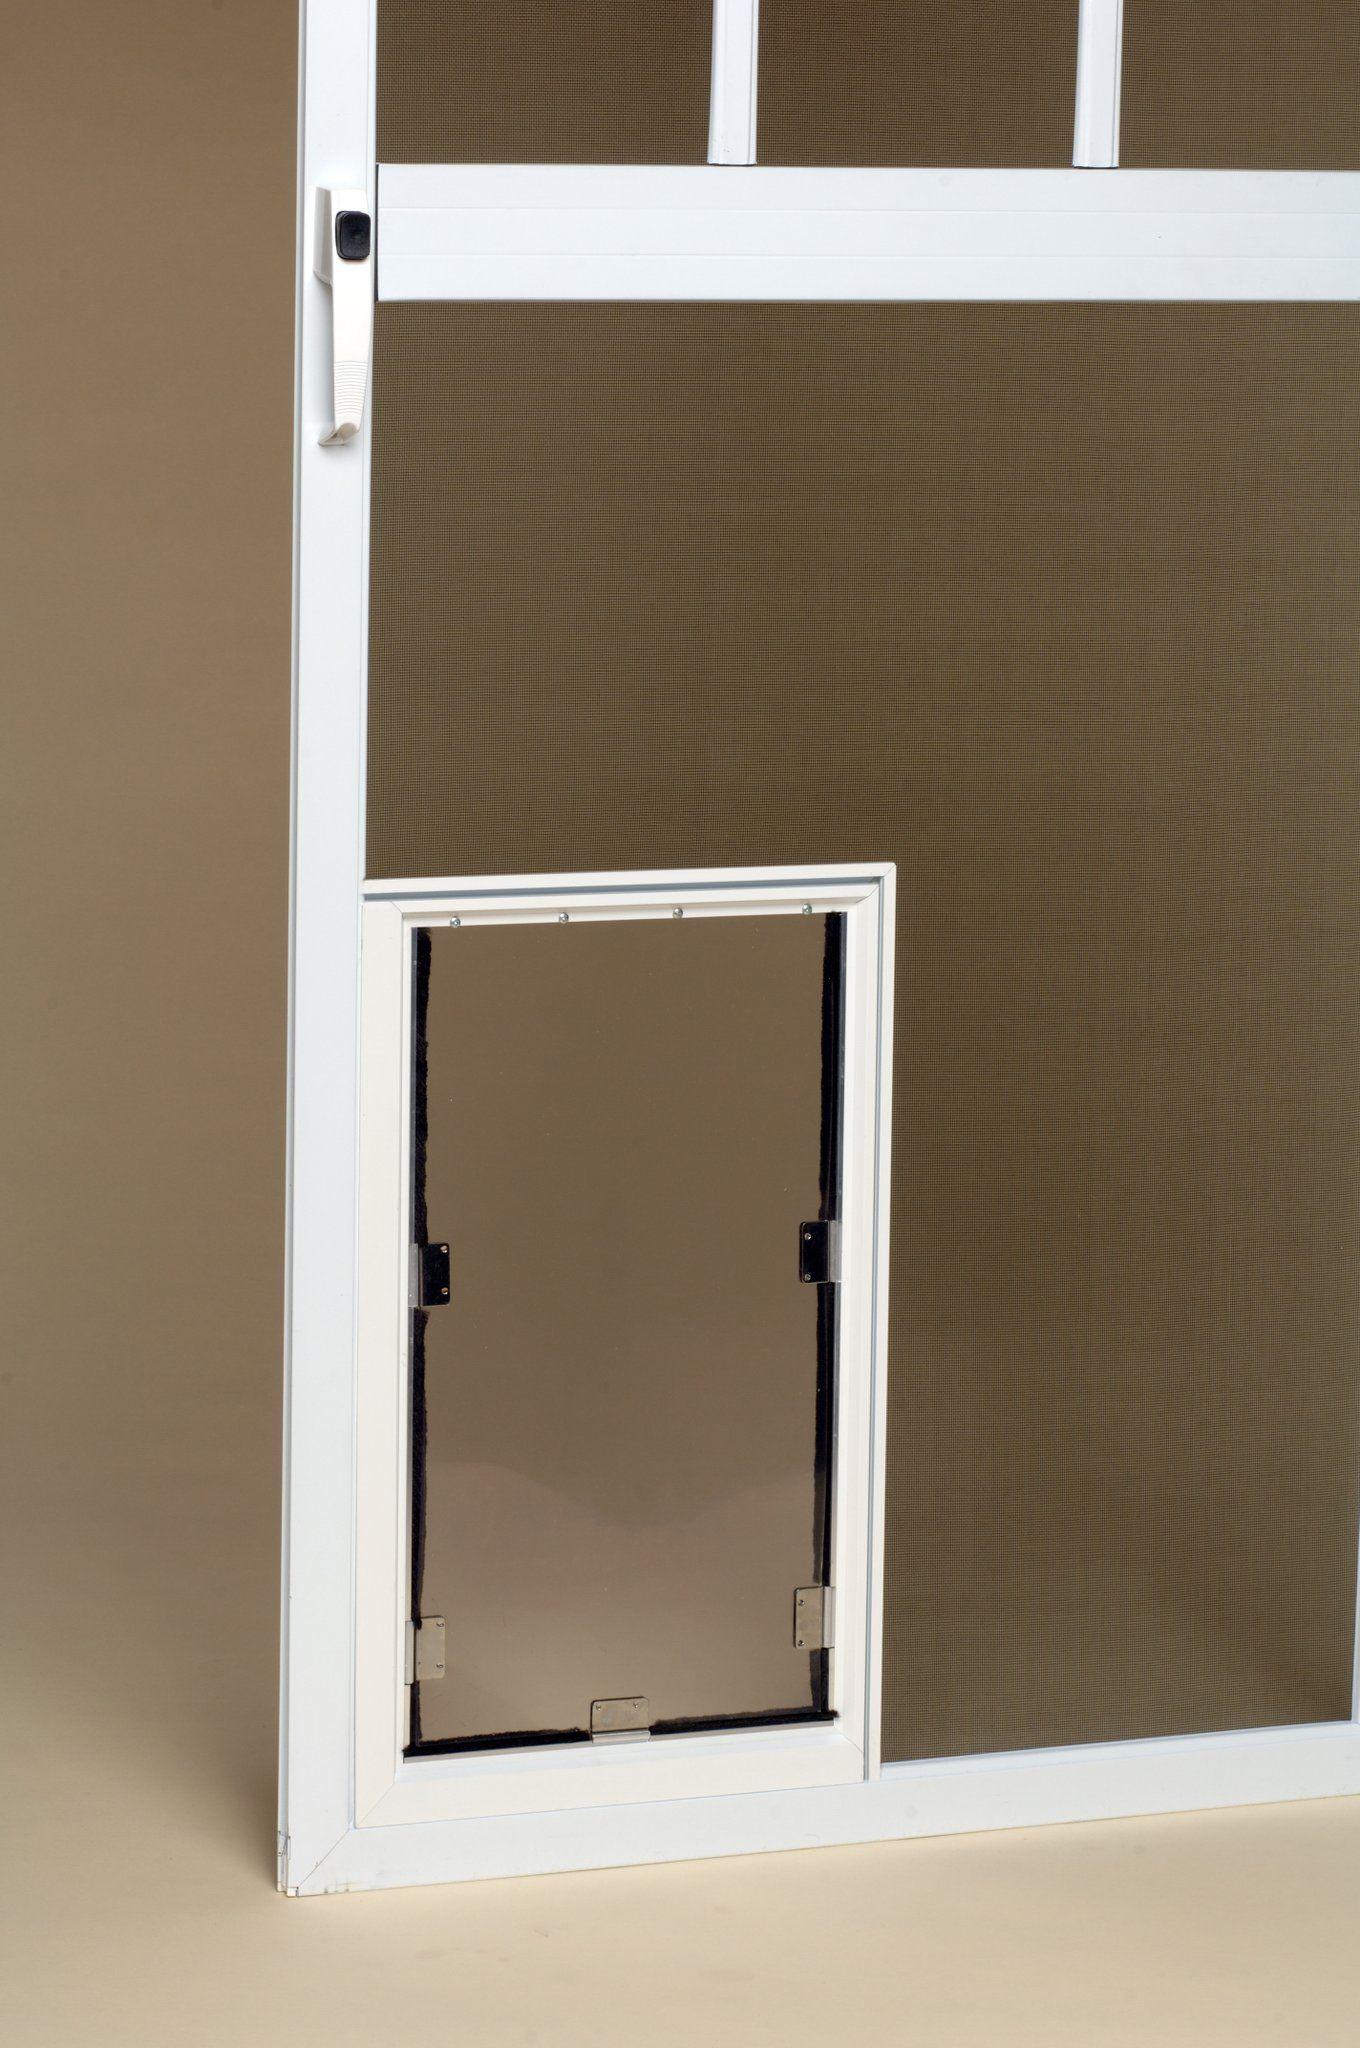 Hale Pet Door for Screens in 2020 Pet screen door, Pet